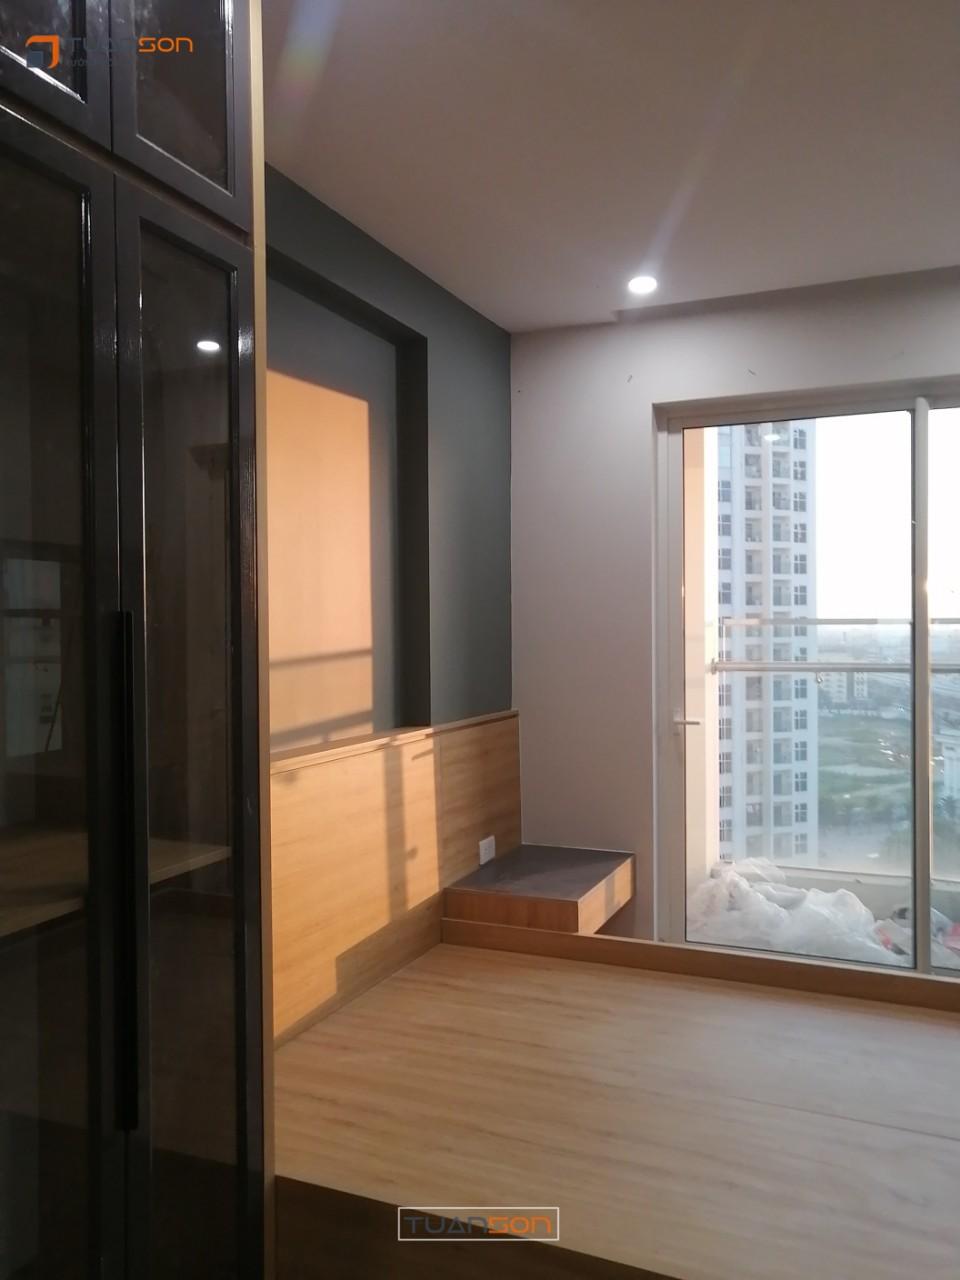 Hoàn thiện nội thất căn hộ 3 phòng ngủ L5 The Link - Ciputra Hà Nội